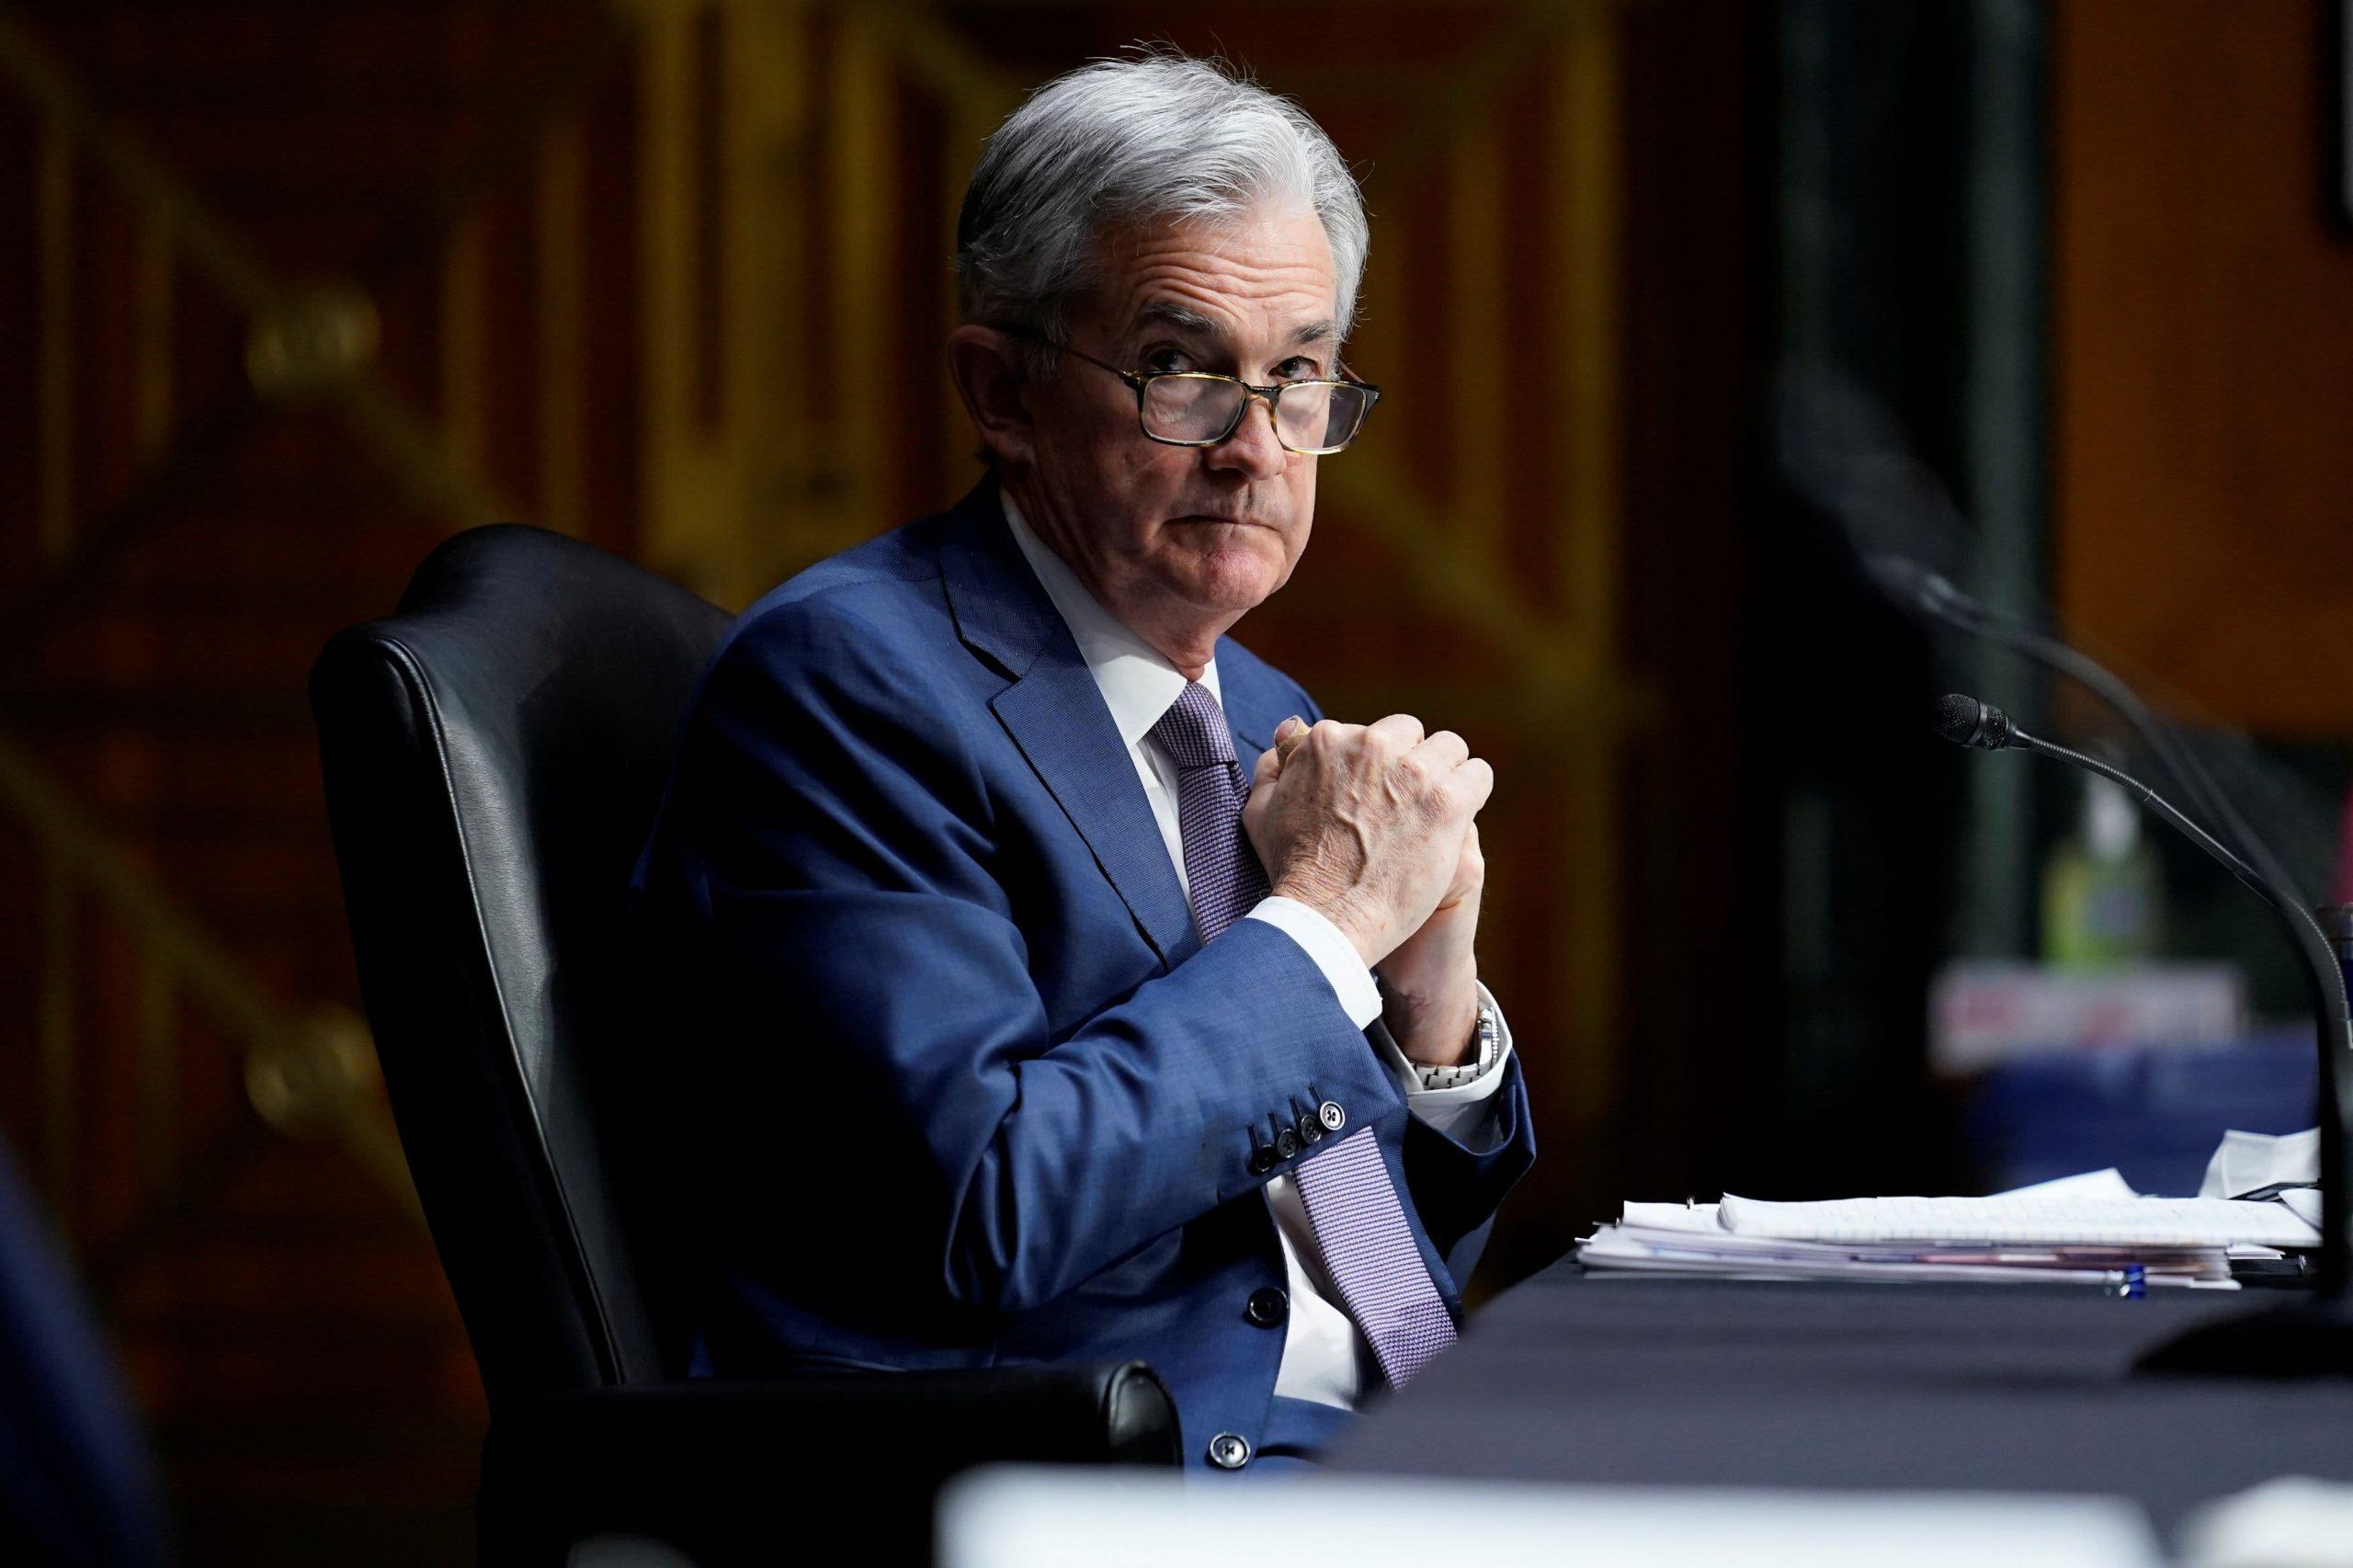 La Fed podría ser criticada por una política flexible mientras la economía se dispara y la inflación aumenta